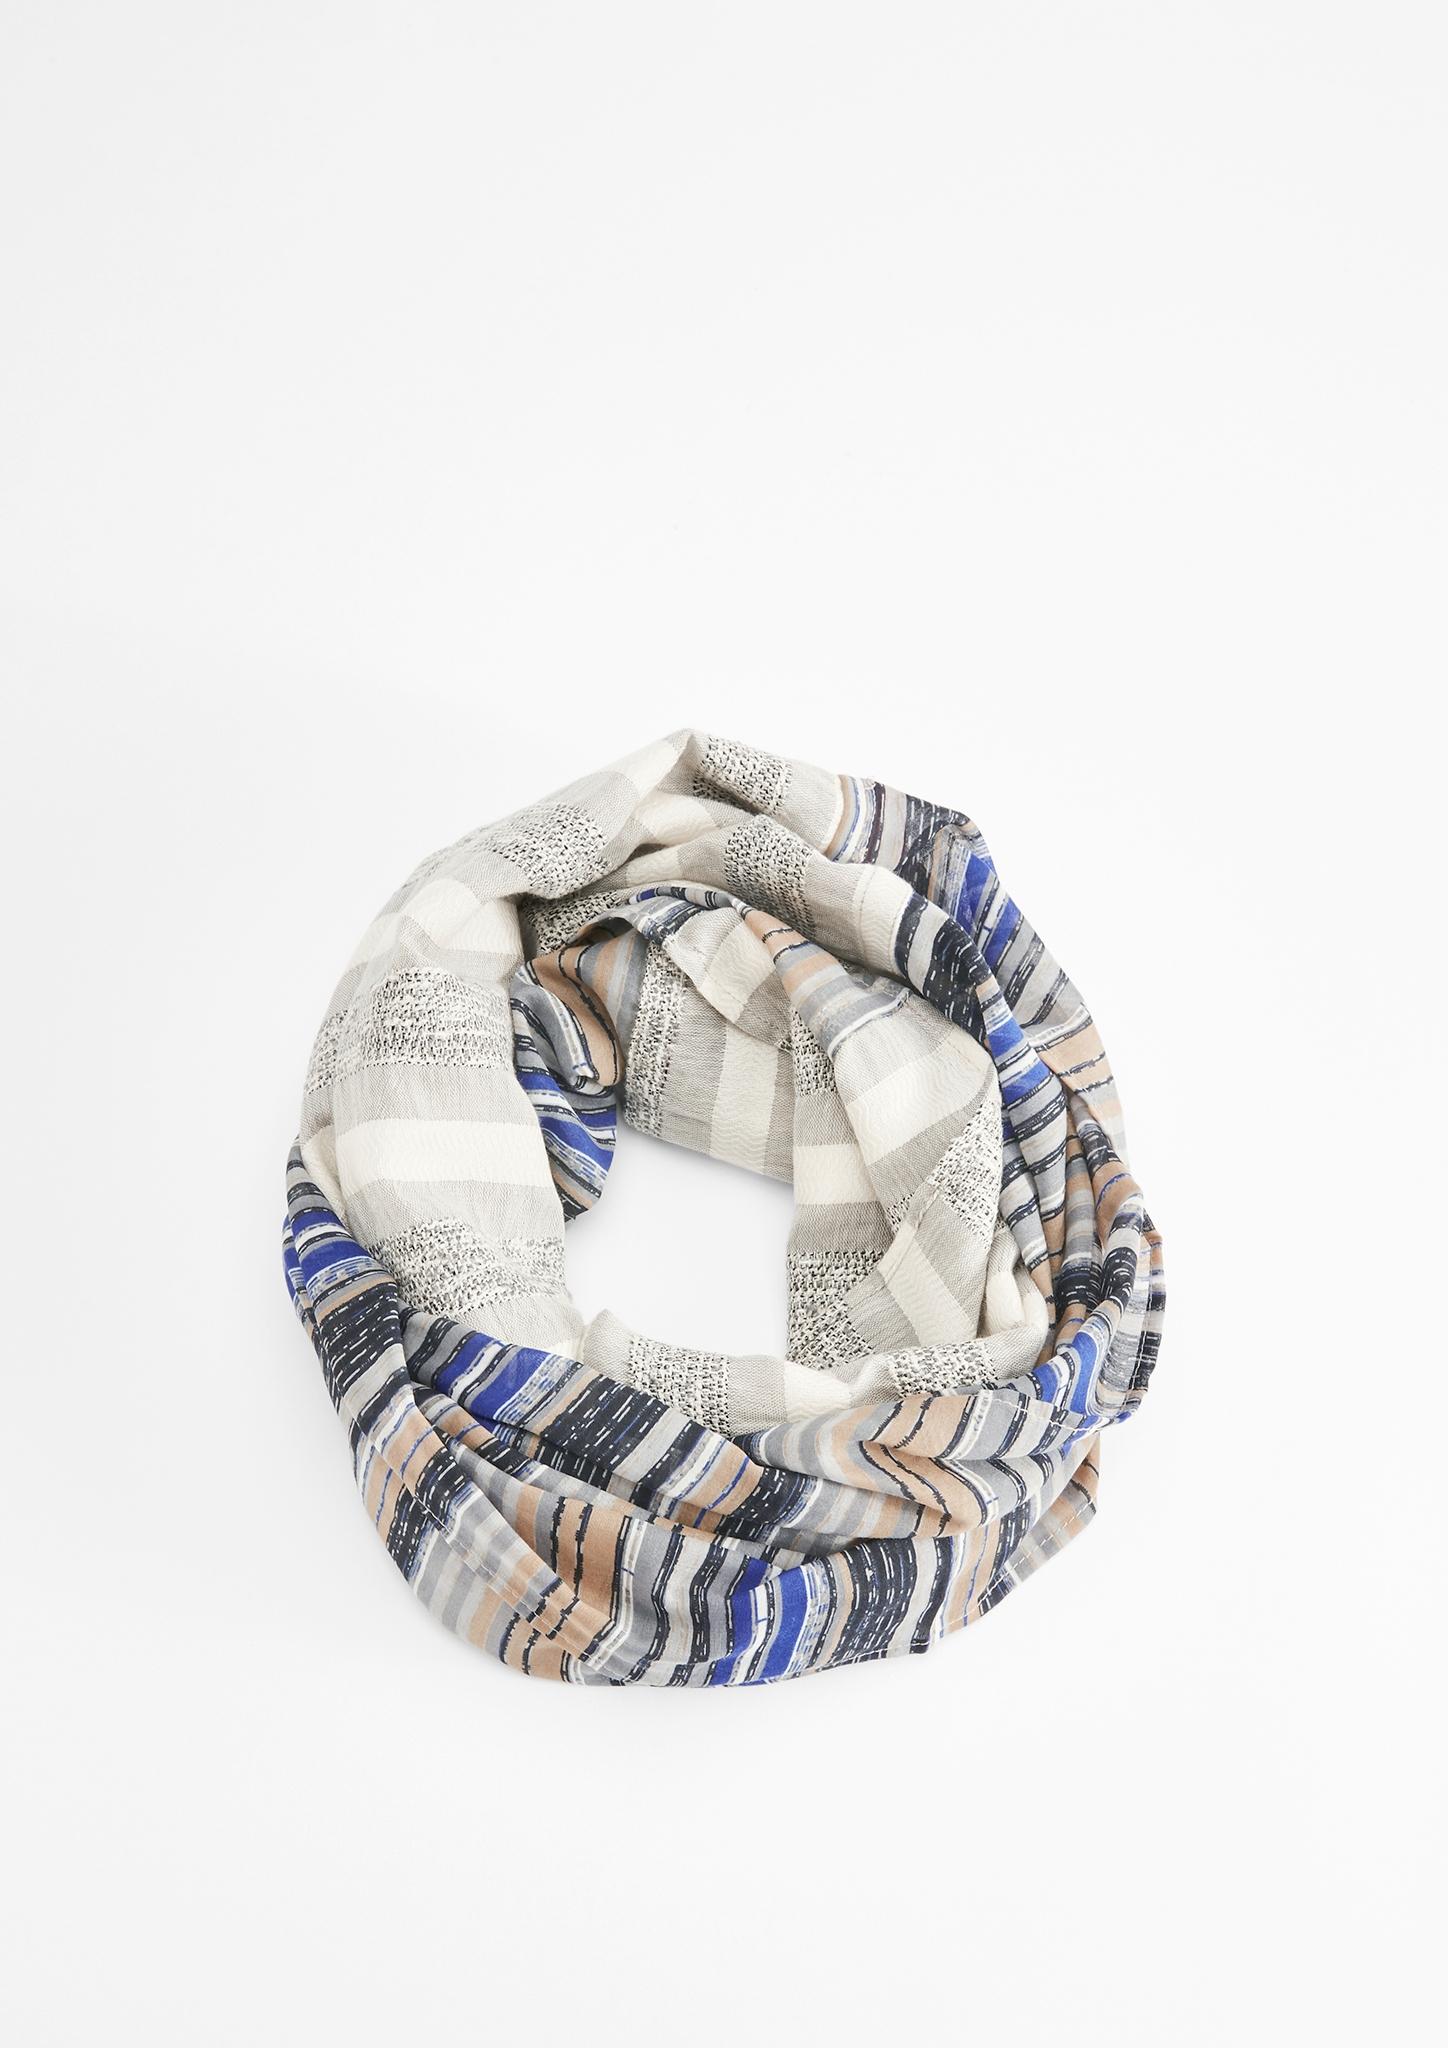 Loop | Accessoires > Schals & Tücher > Loops | Grau/schwarz | 53% baumwolle -  31% polyester -  15% polyacryl -  1% metallisiertes garn | s.Oliver